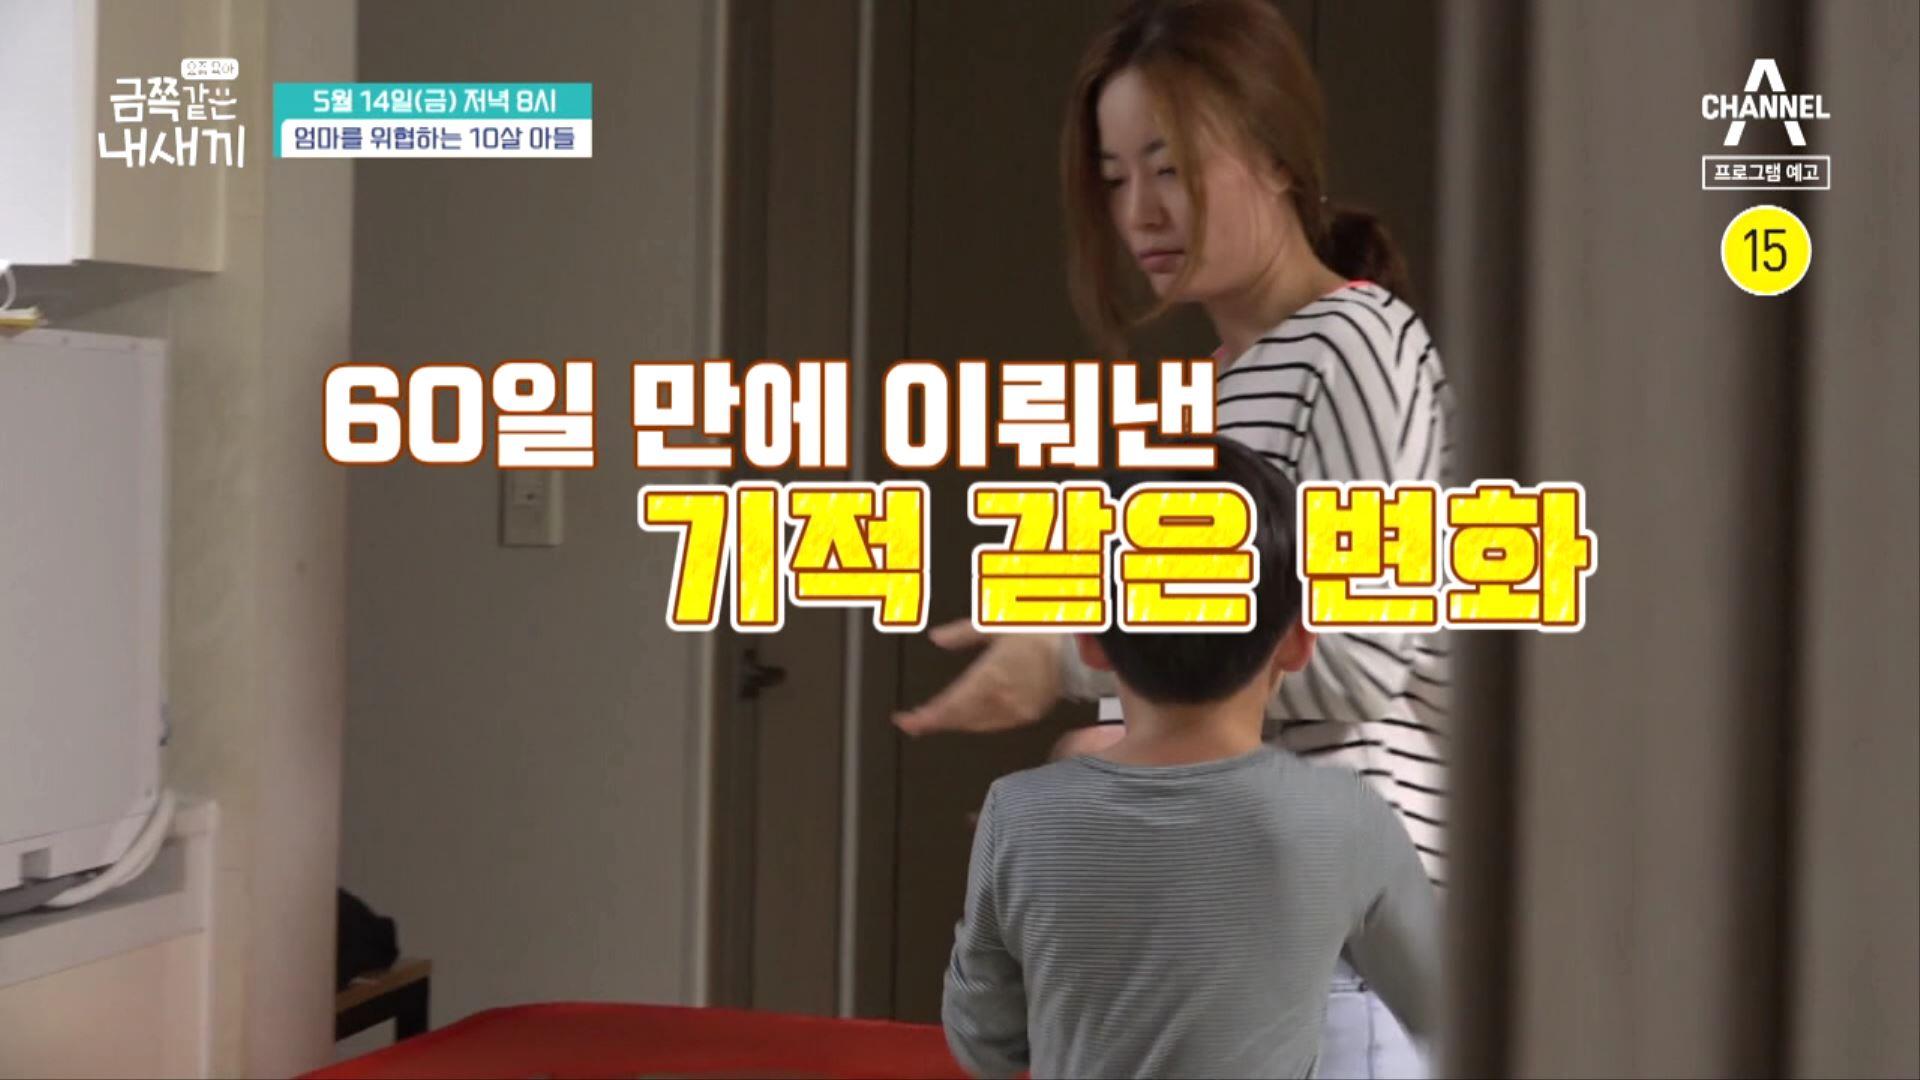 [예고] ※비상※ 통제불가 금쪽이, 오은영 박사가 직접 솔루션에 나섰다! 이미지